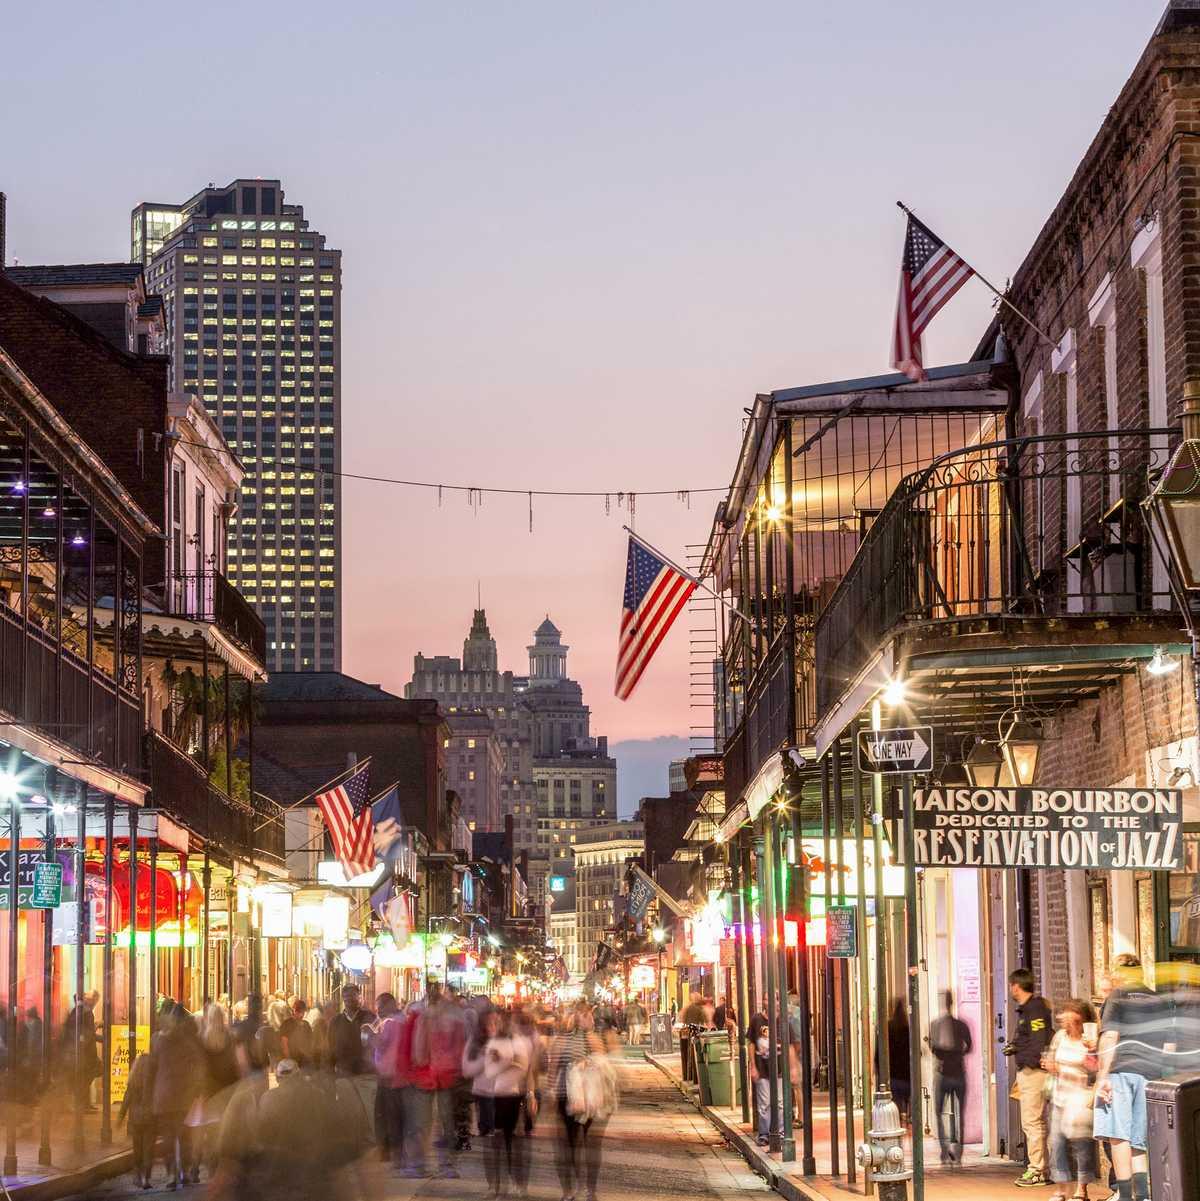 Die Bourbon Street in New Orleans bei vorangeschrittener Abenddämmerung